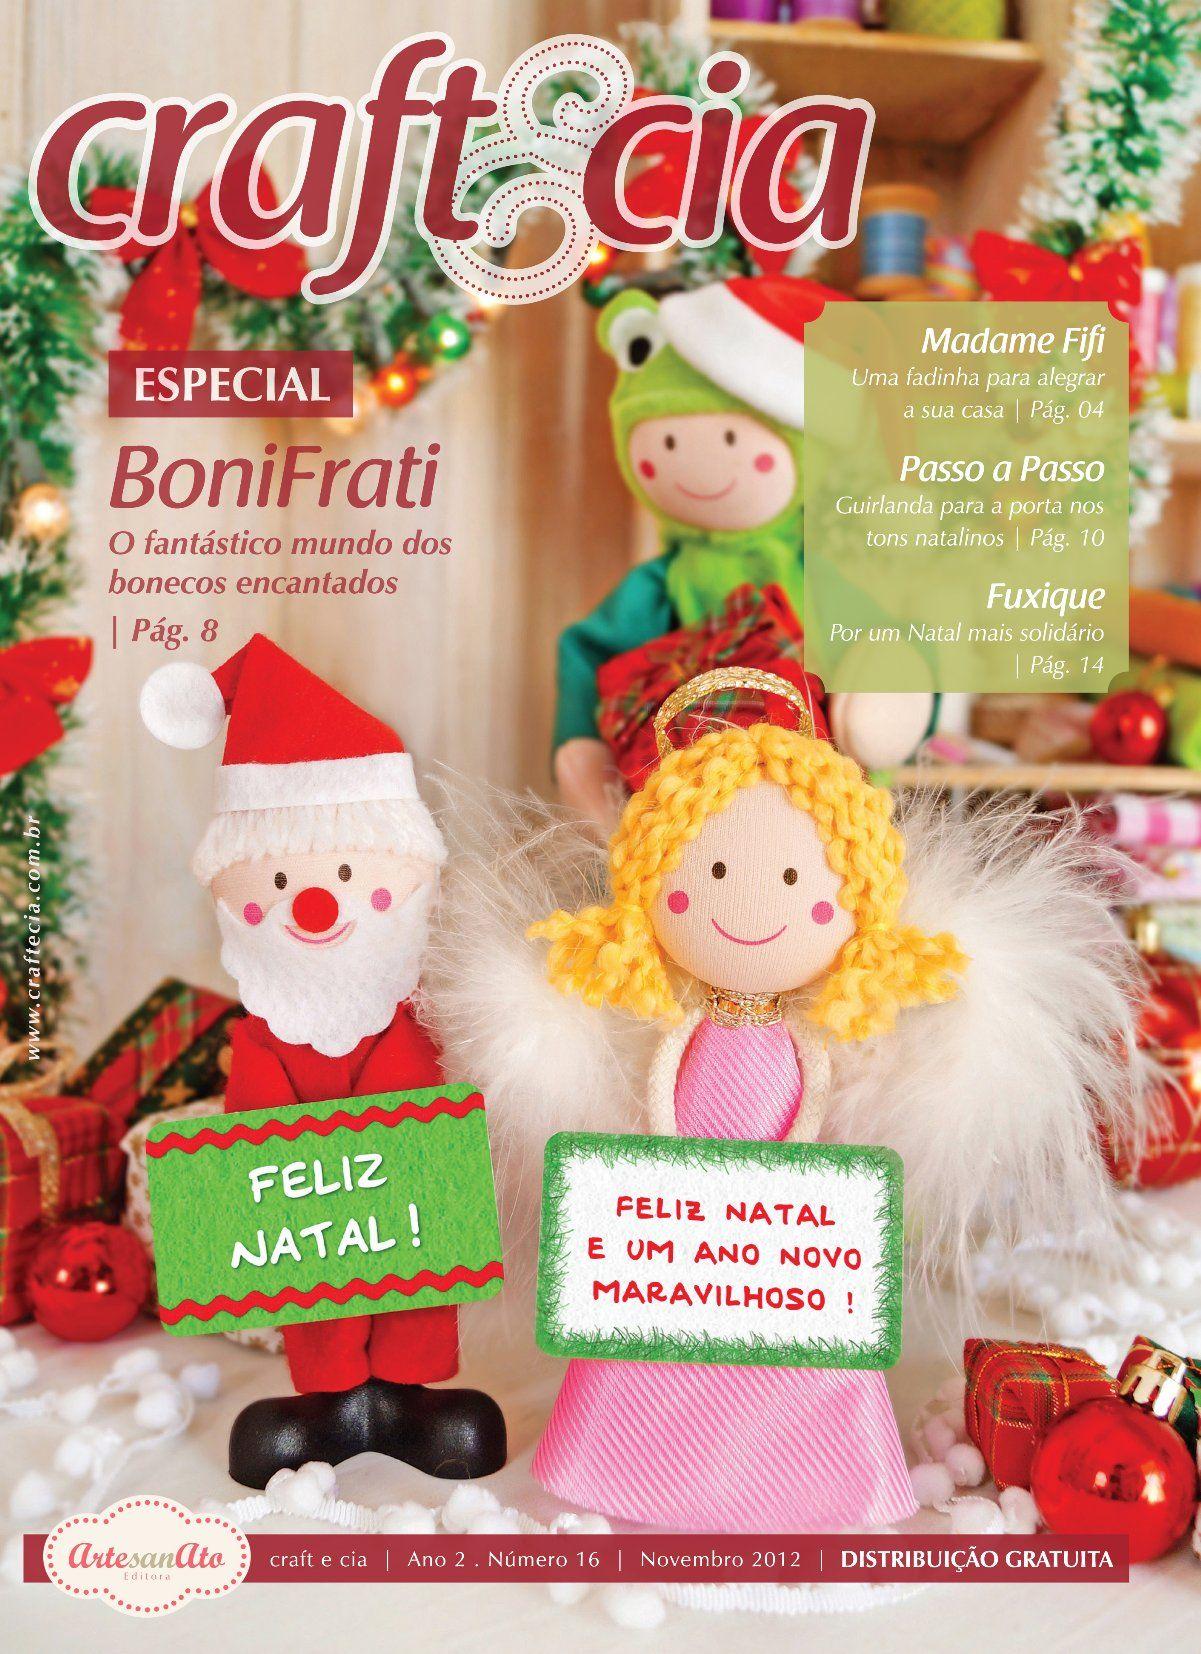 Revista Craft & Cia • Especial de Natal com a BoniFrati :)